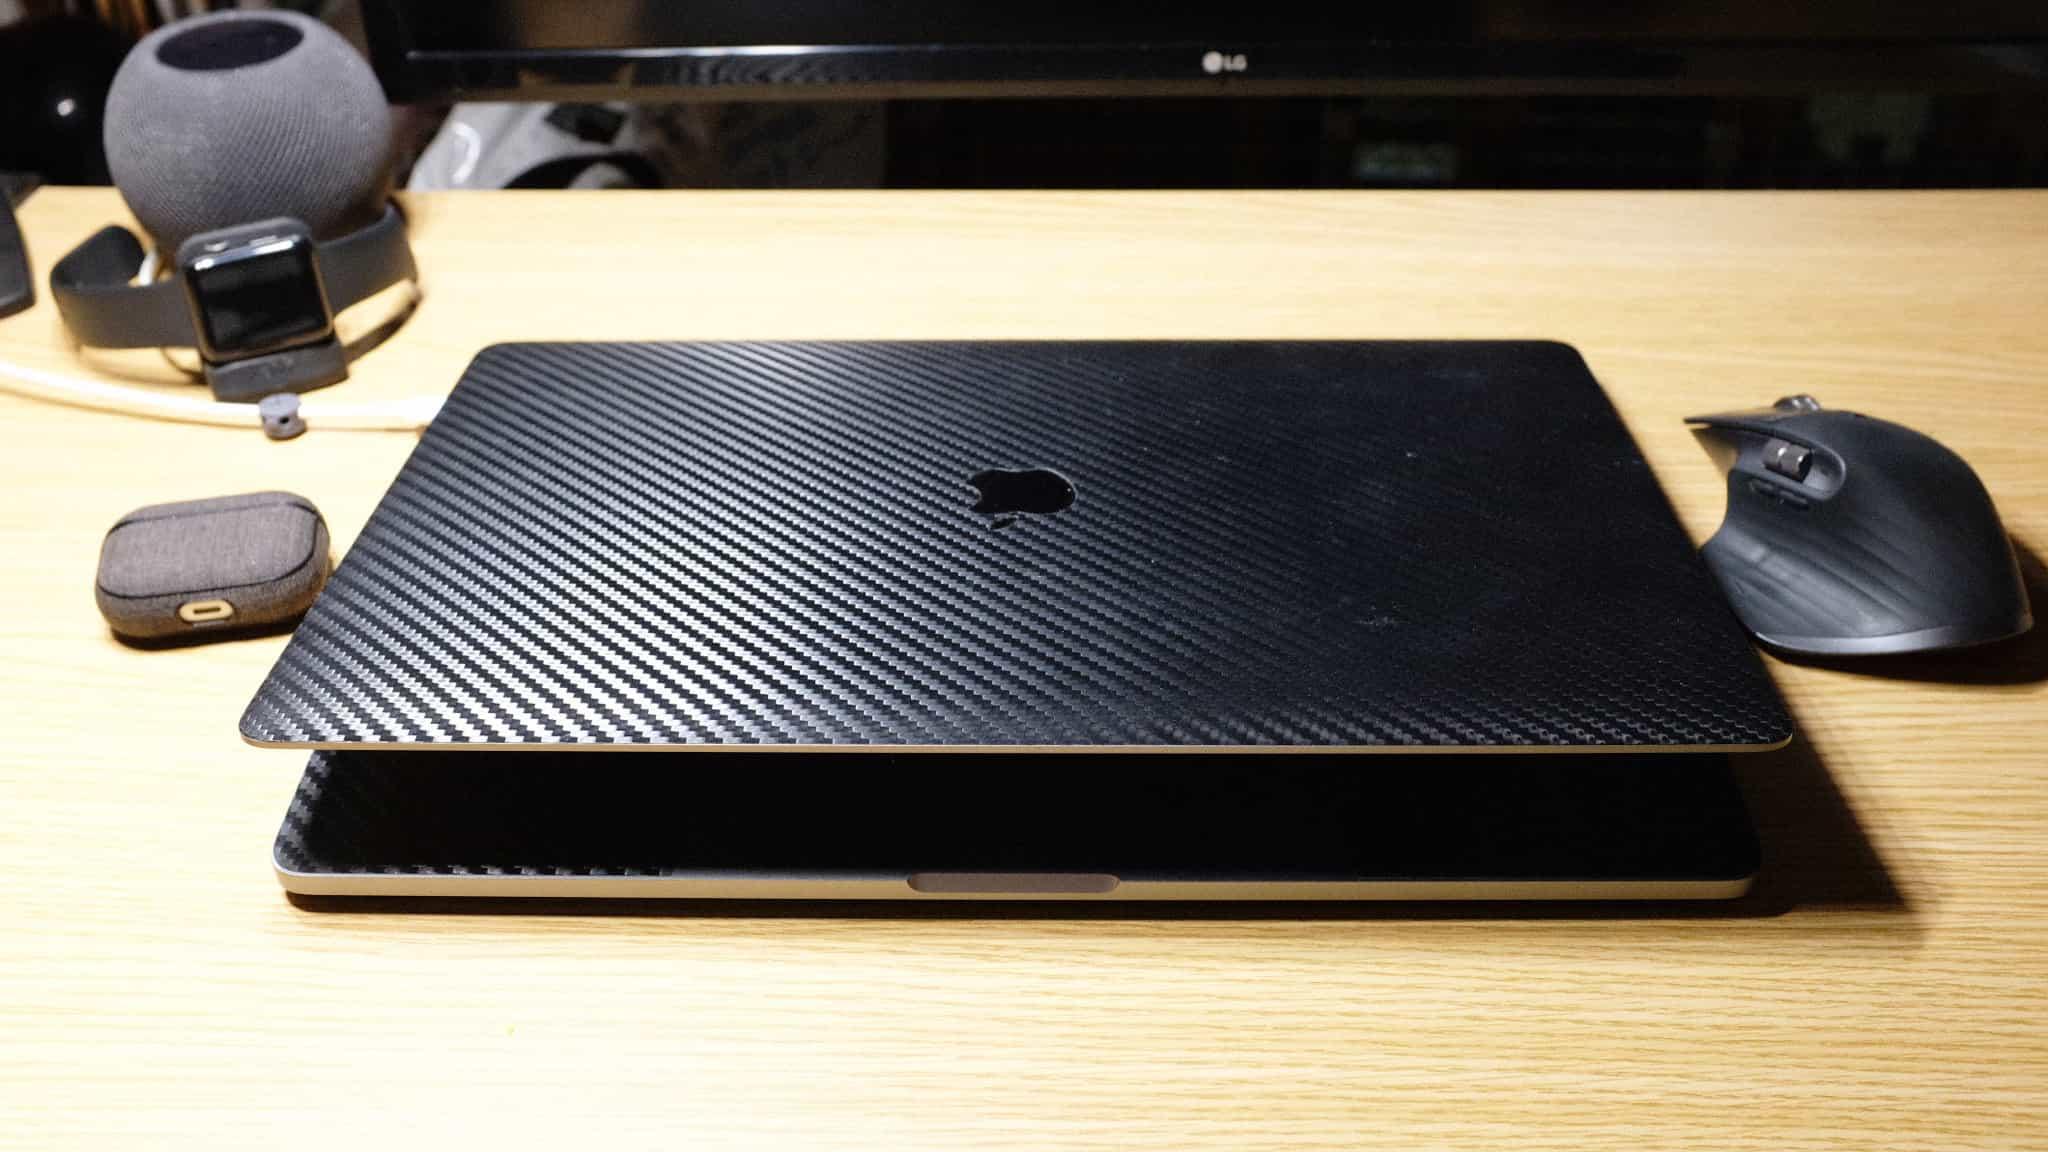 M1搭載Macじゃなくて16インチ MacBook Pro 整備済を購入したほうが幸せになれる気がする